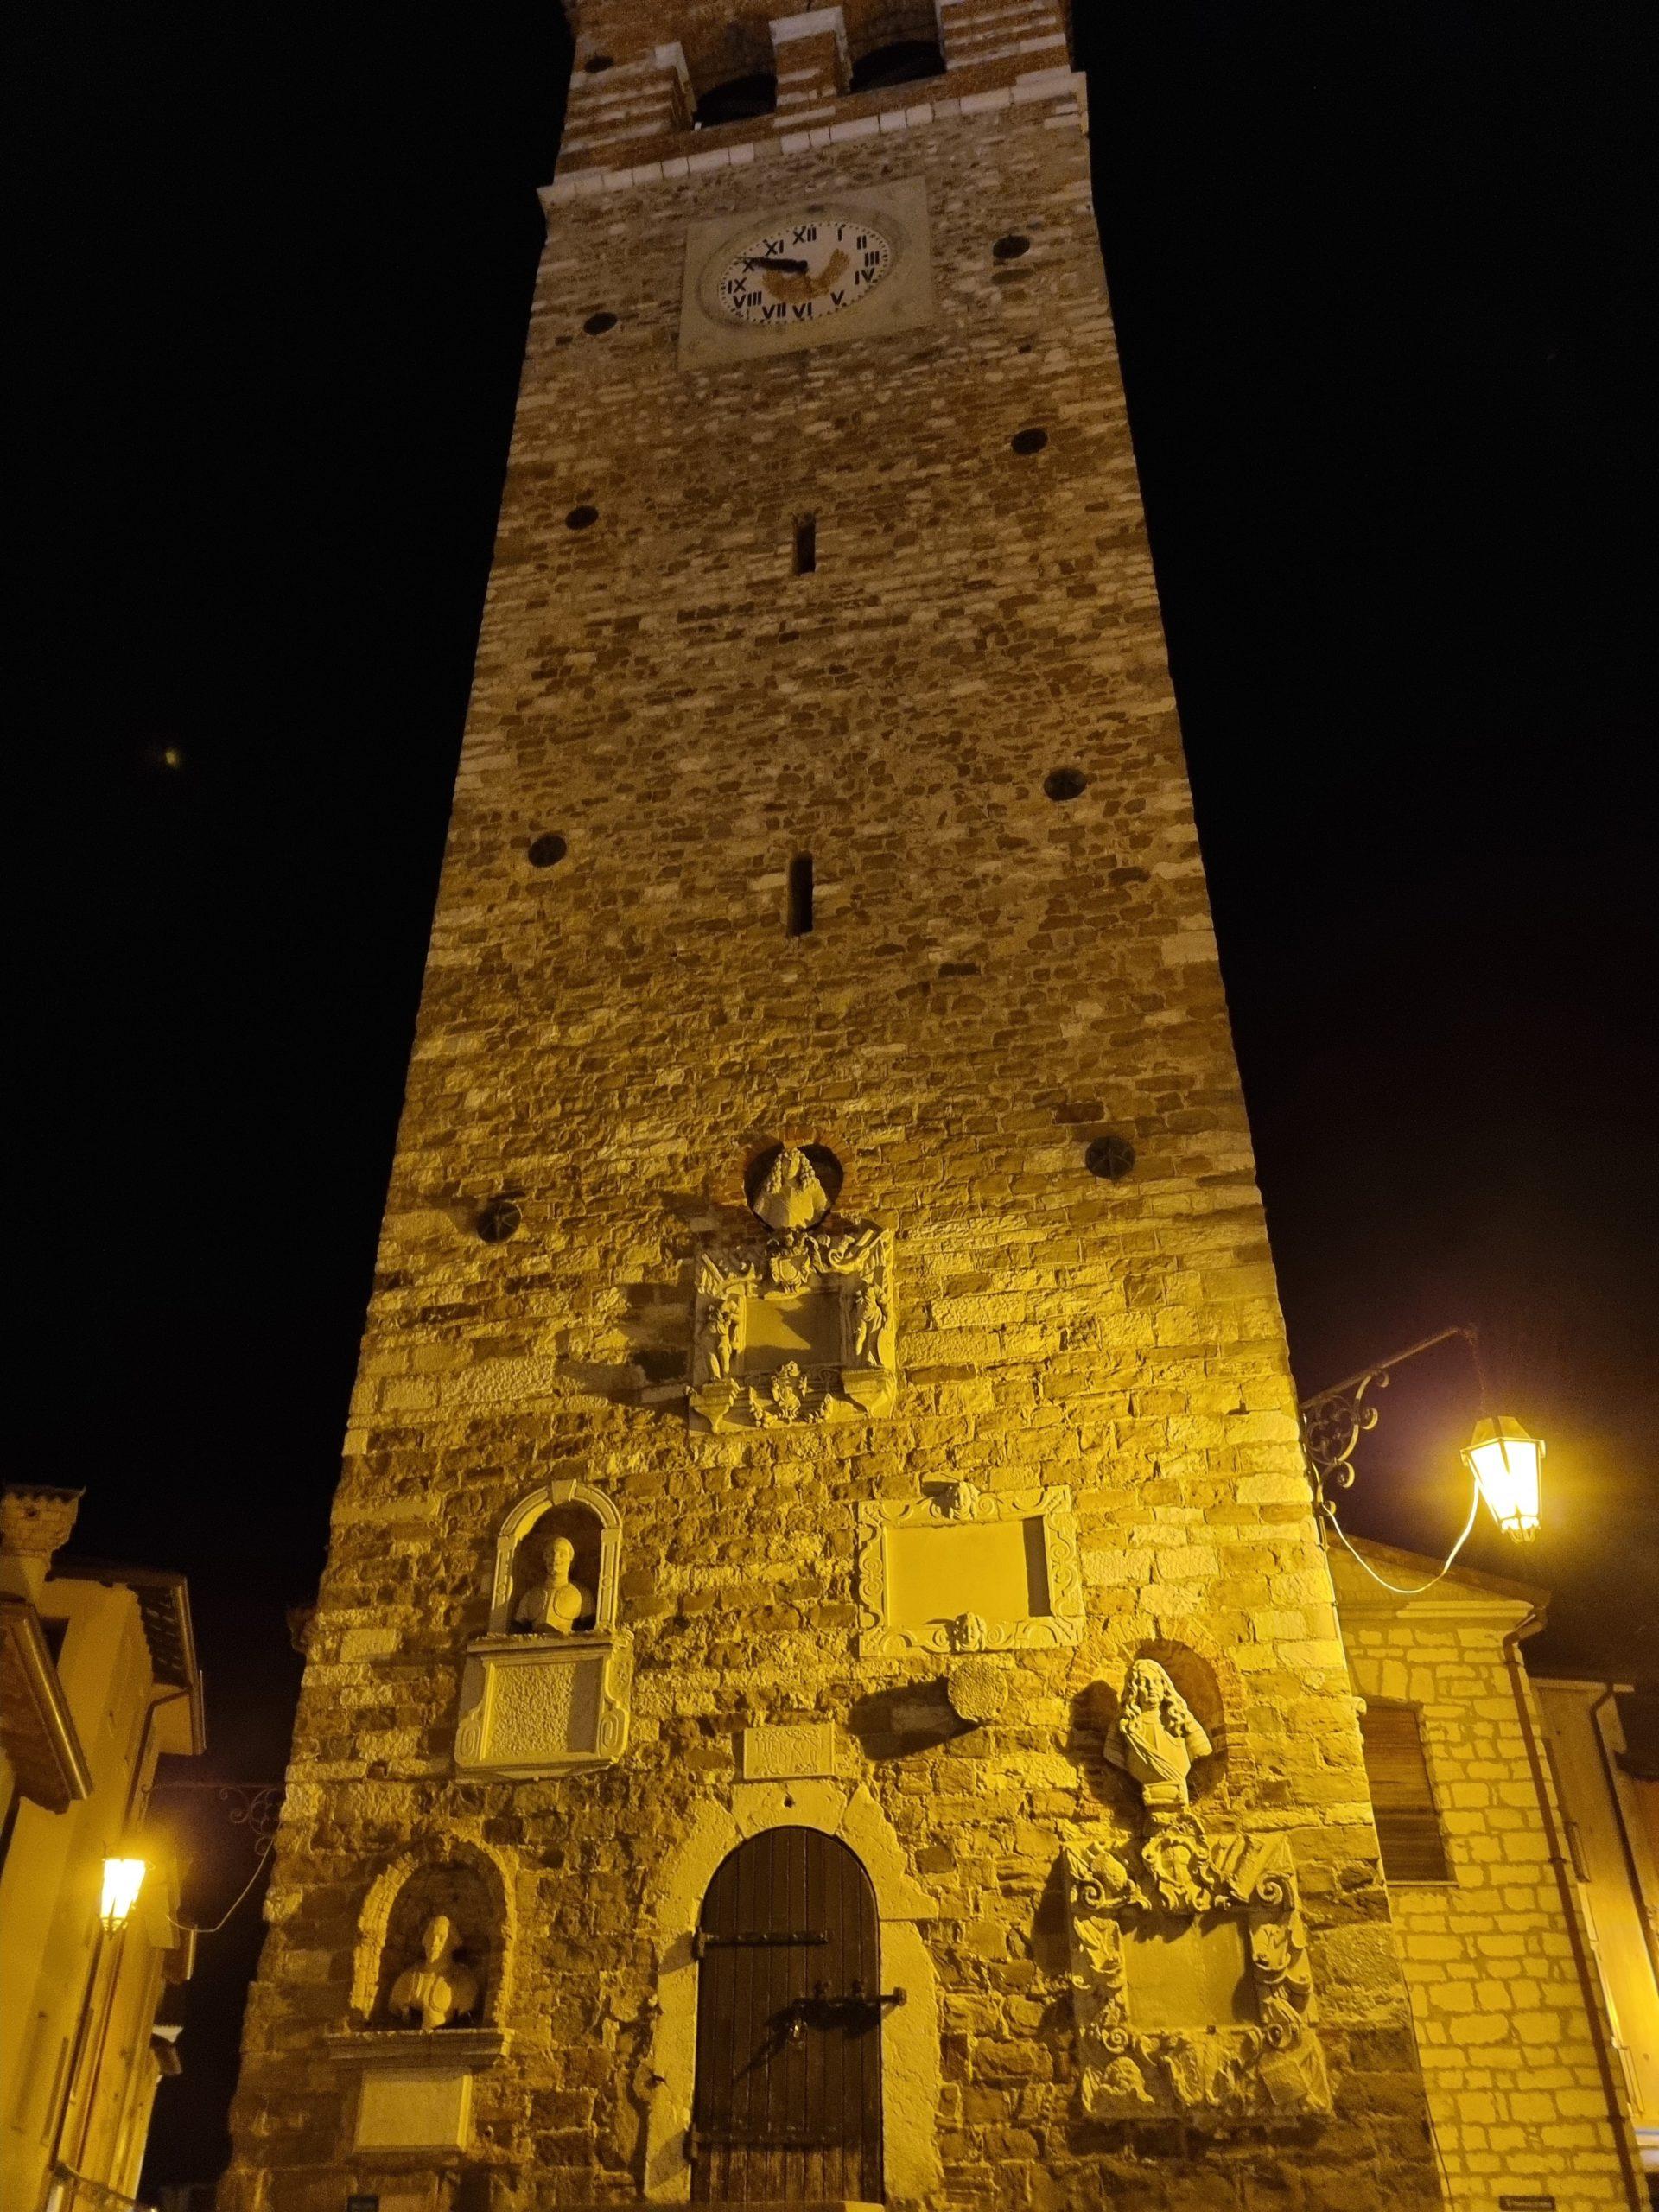 La torre medievale di Marano Lagunare